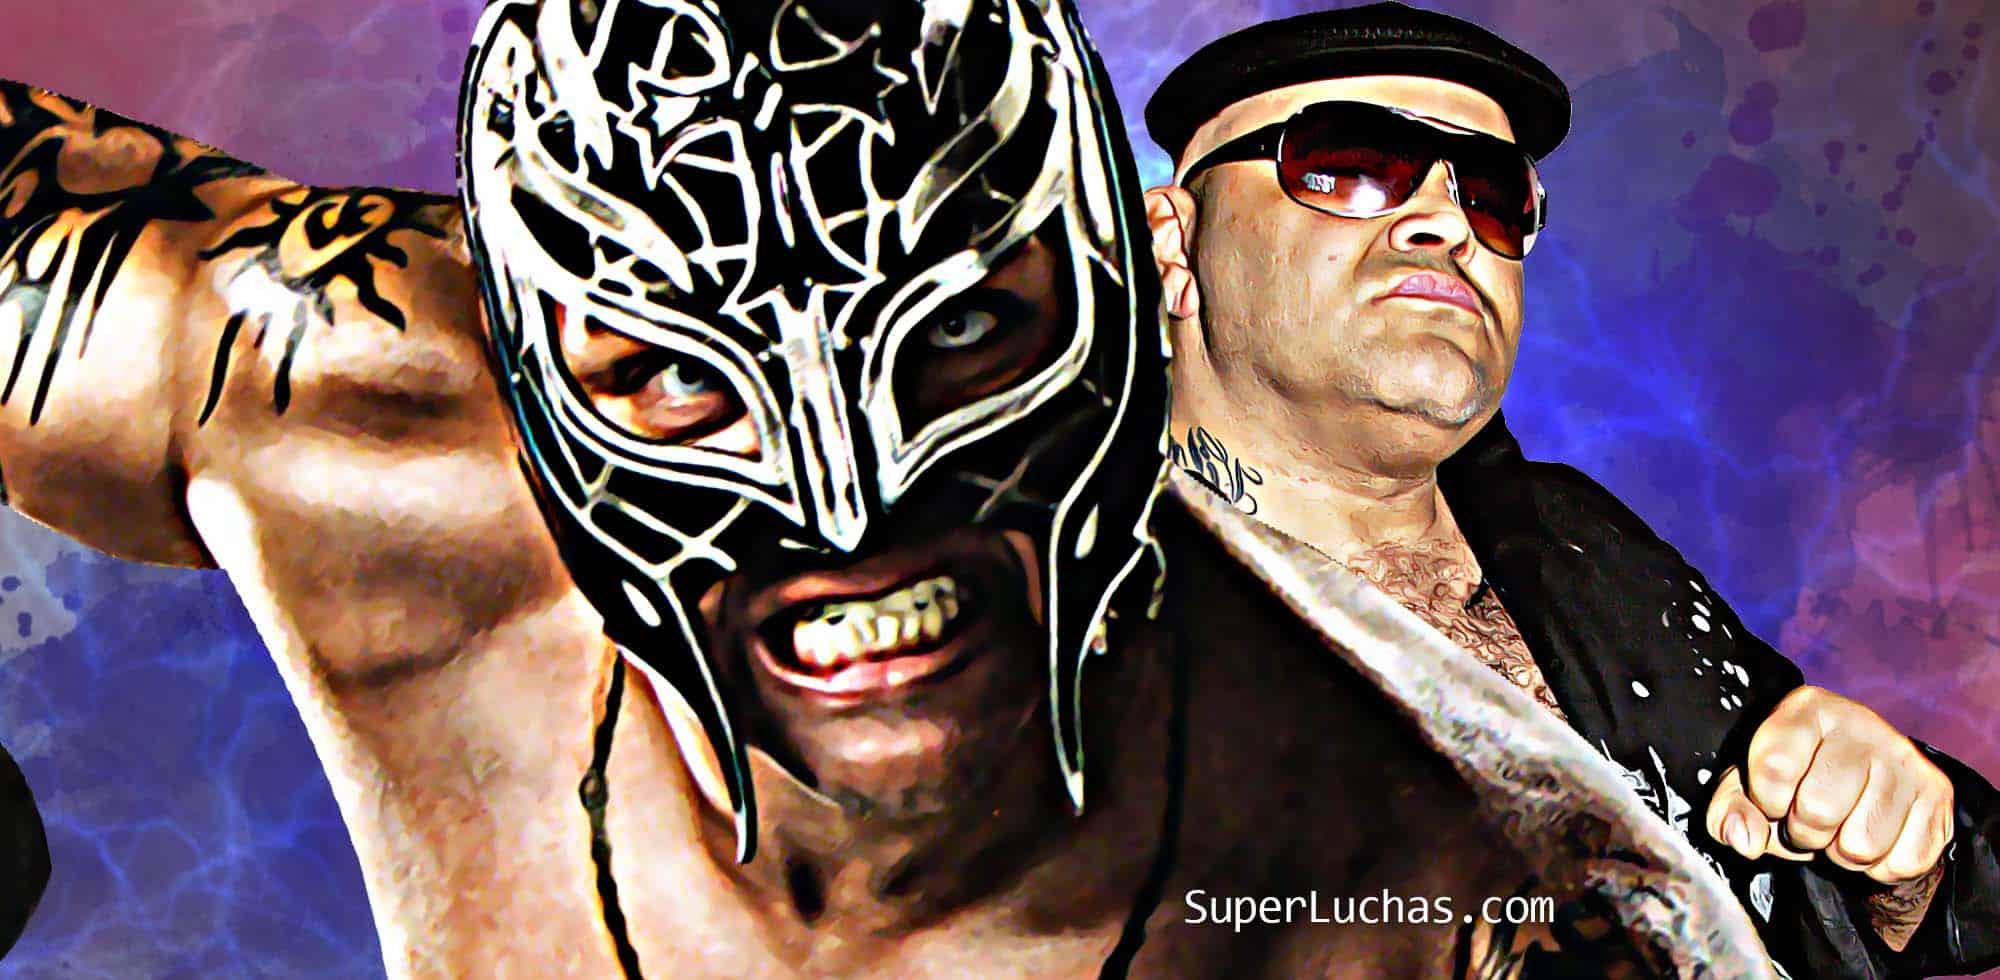 ¿Es posible que Rey Mysterio deje WWE muy pronto?